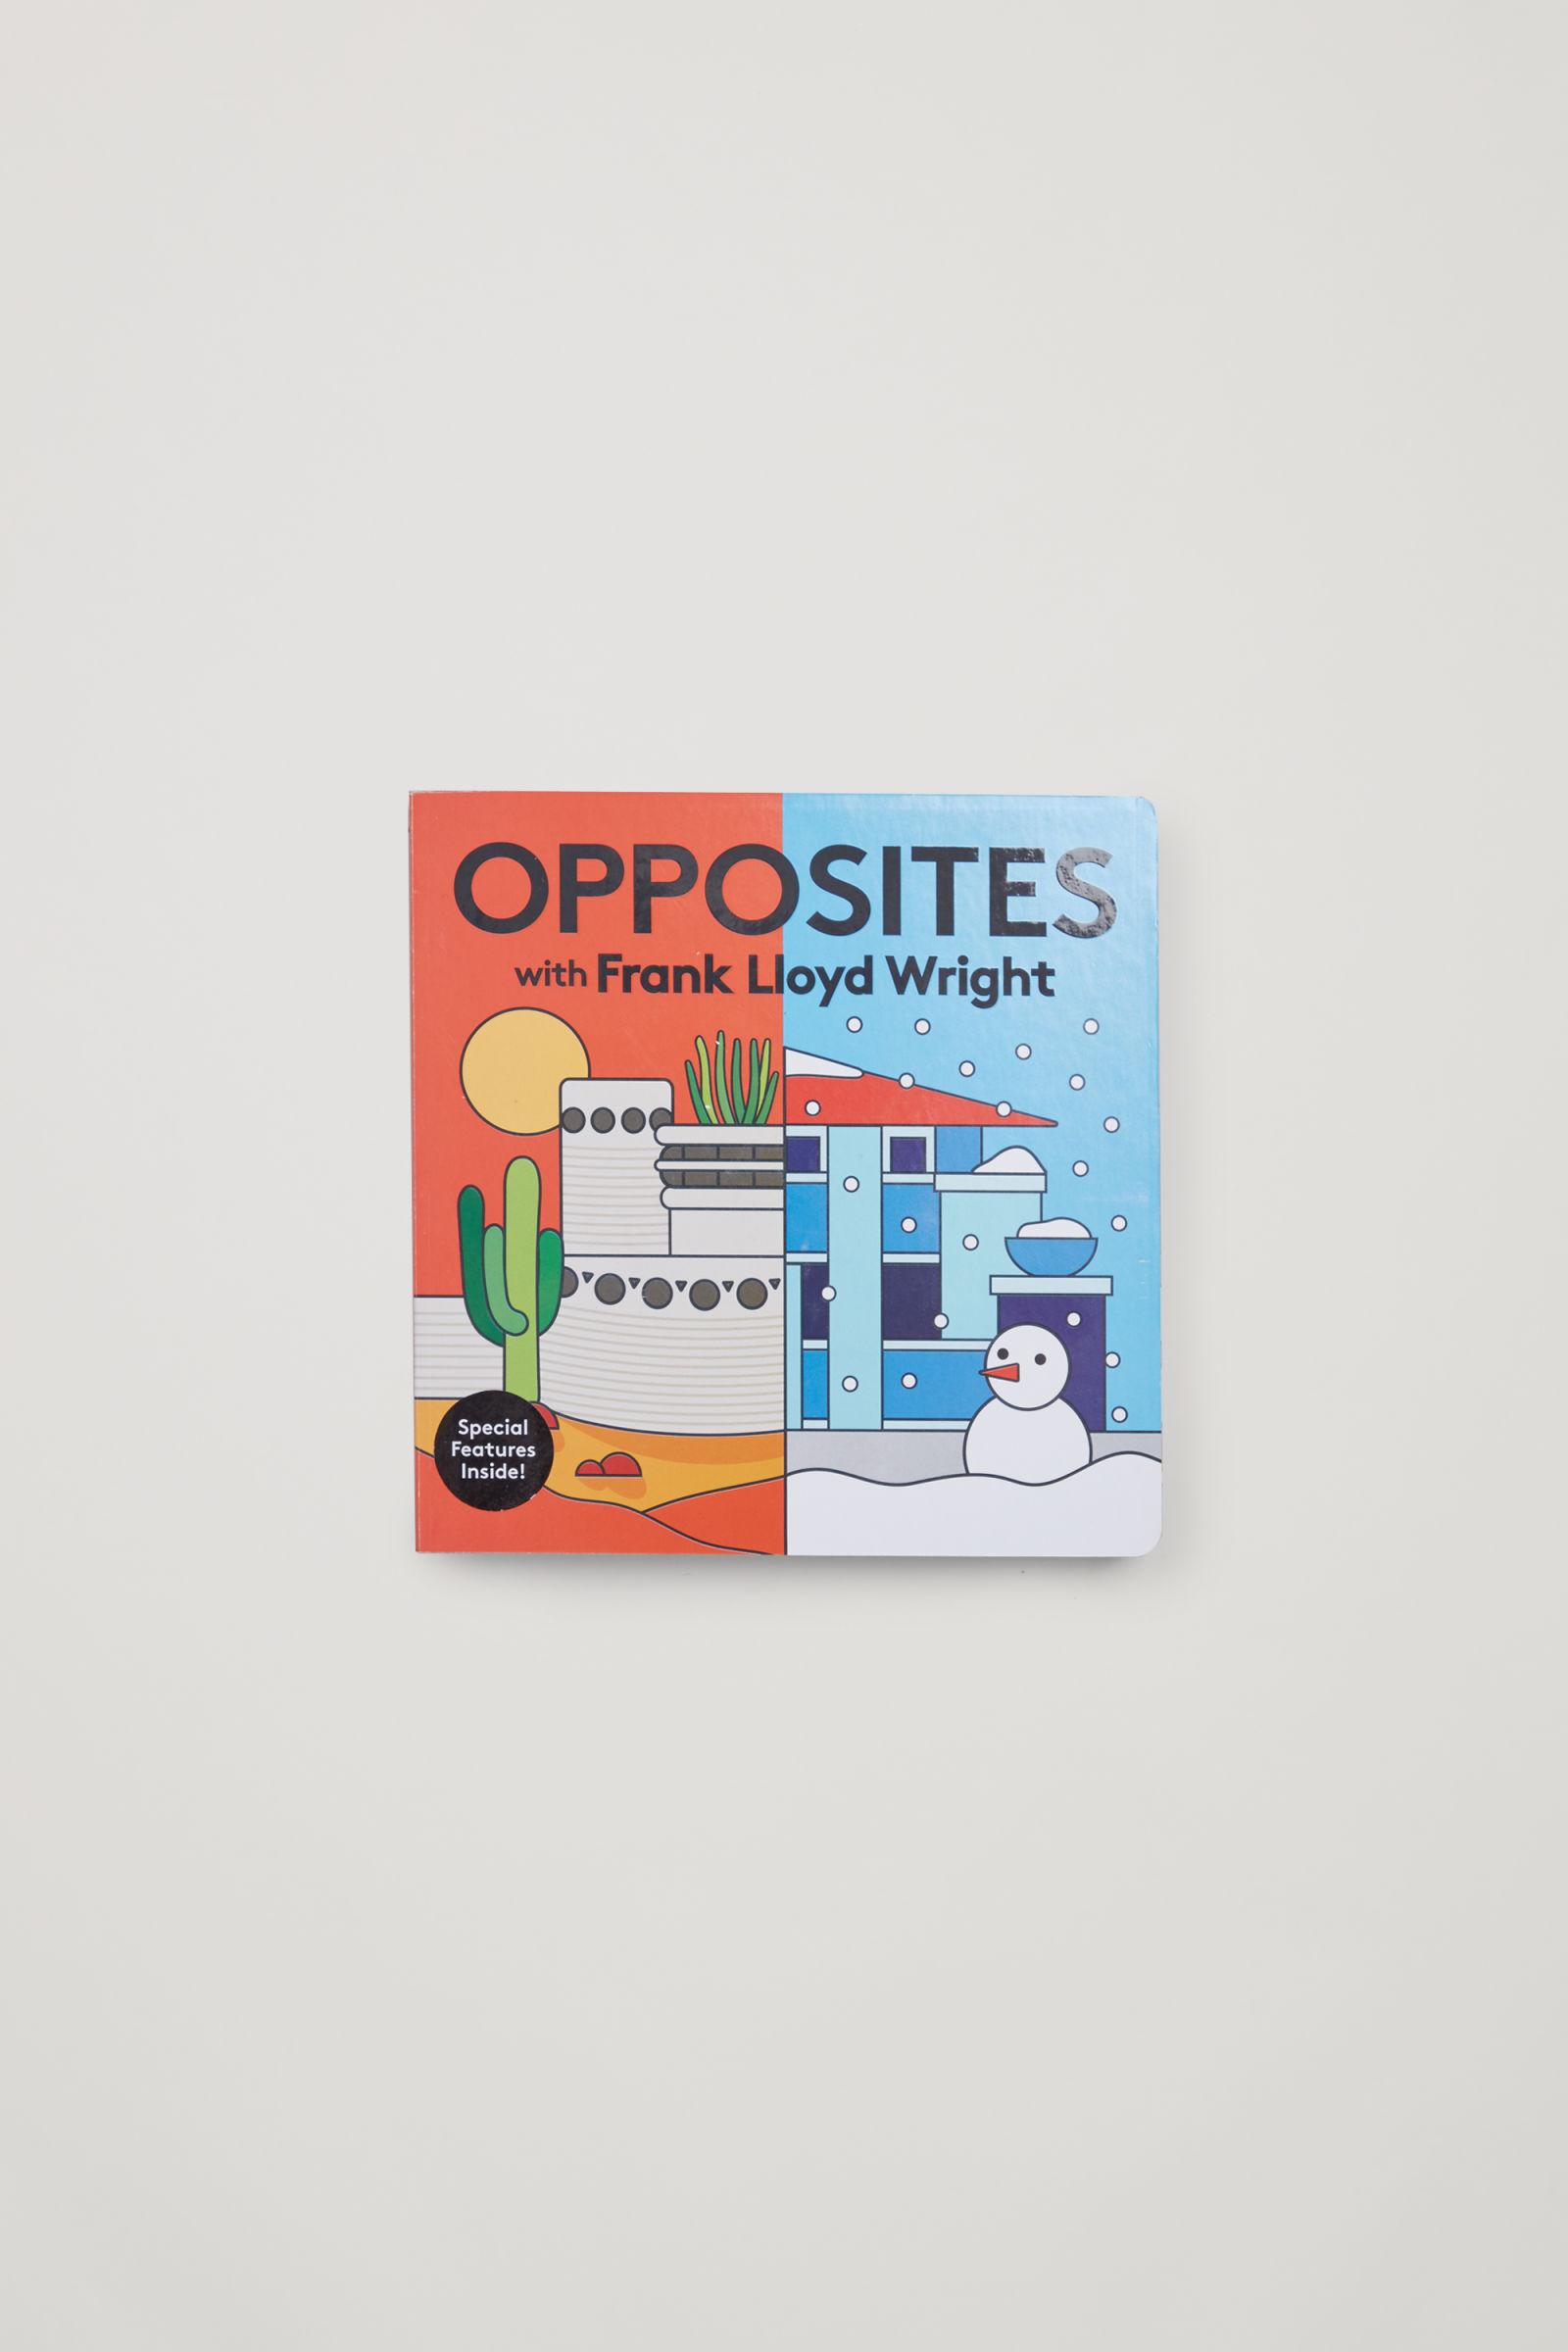 코스 키즈 반대말 학습 컬러 보드북 COS OPPOSITES WITH FRANK LLOYD WRIGHT,multicoloured